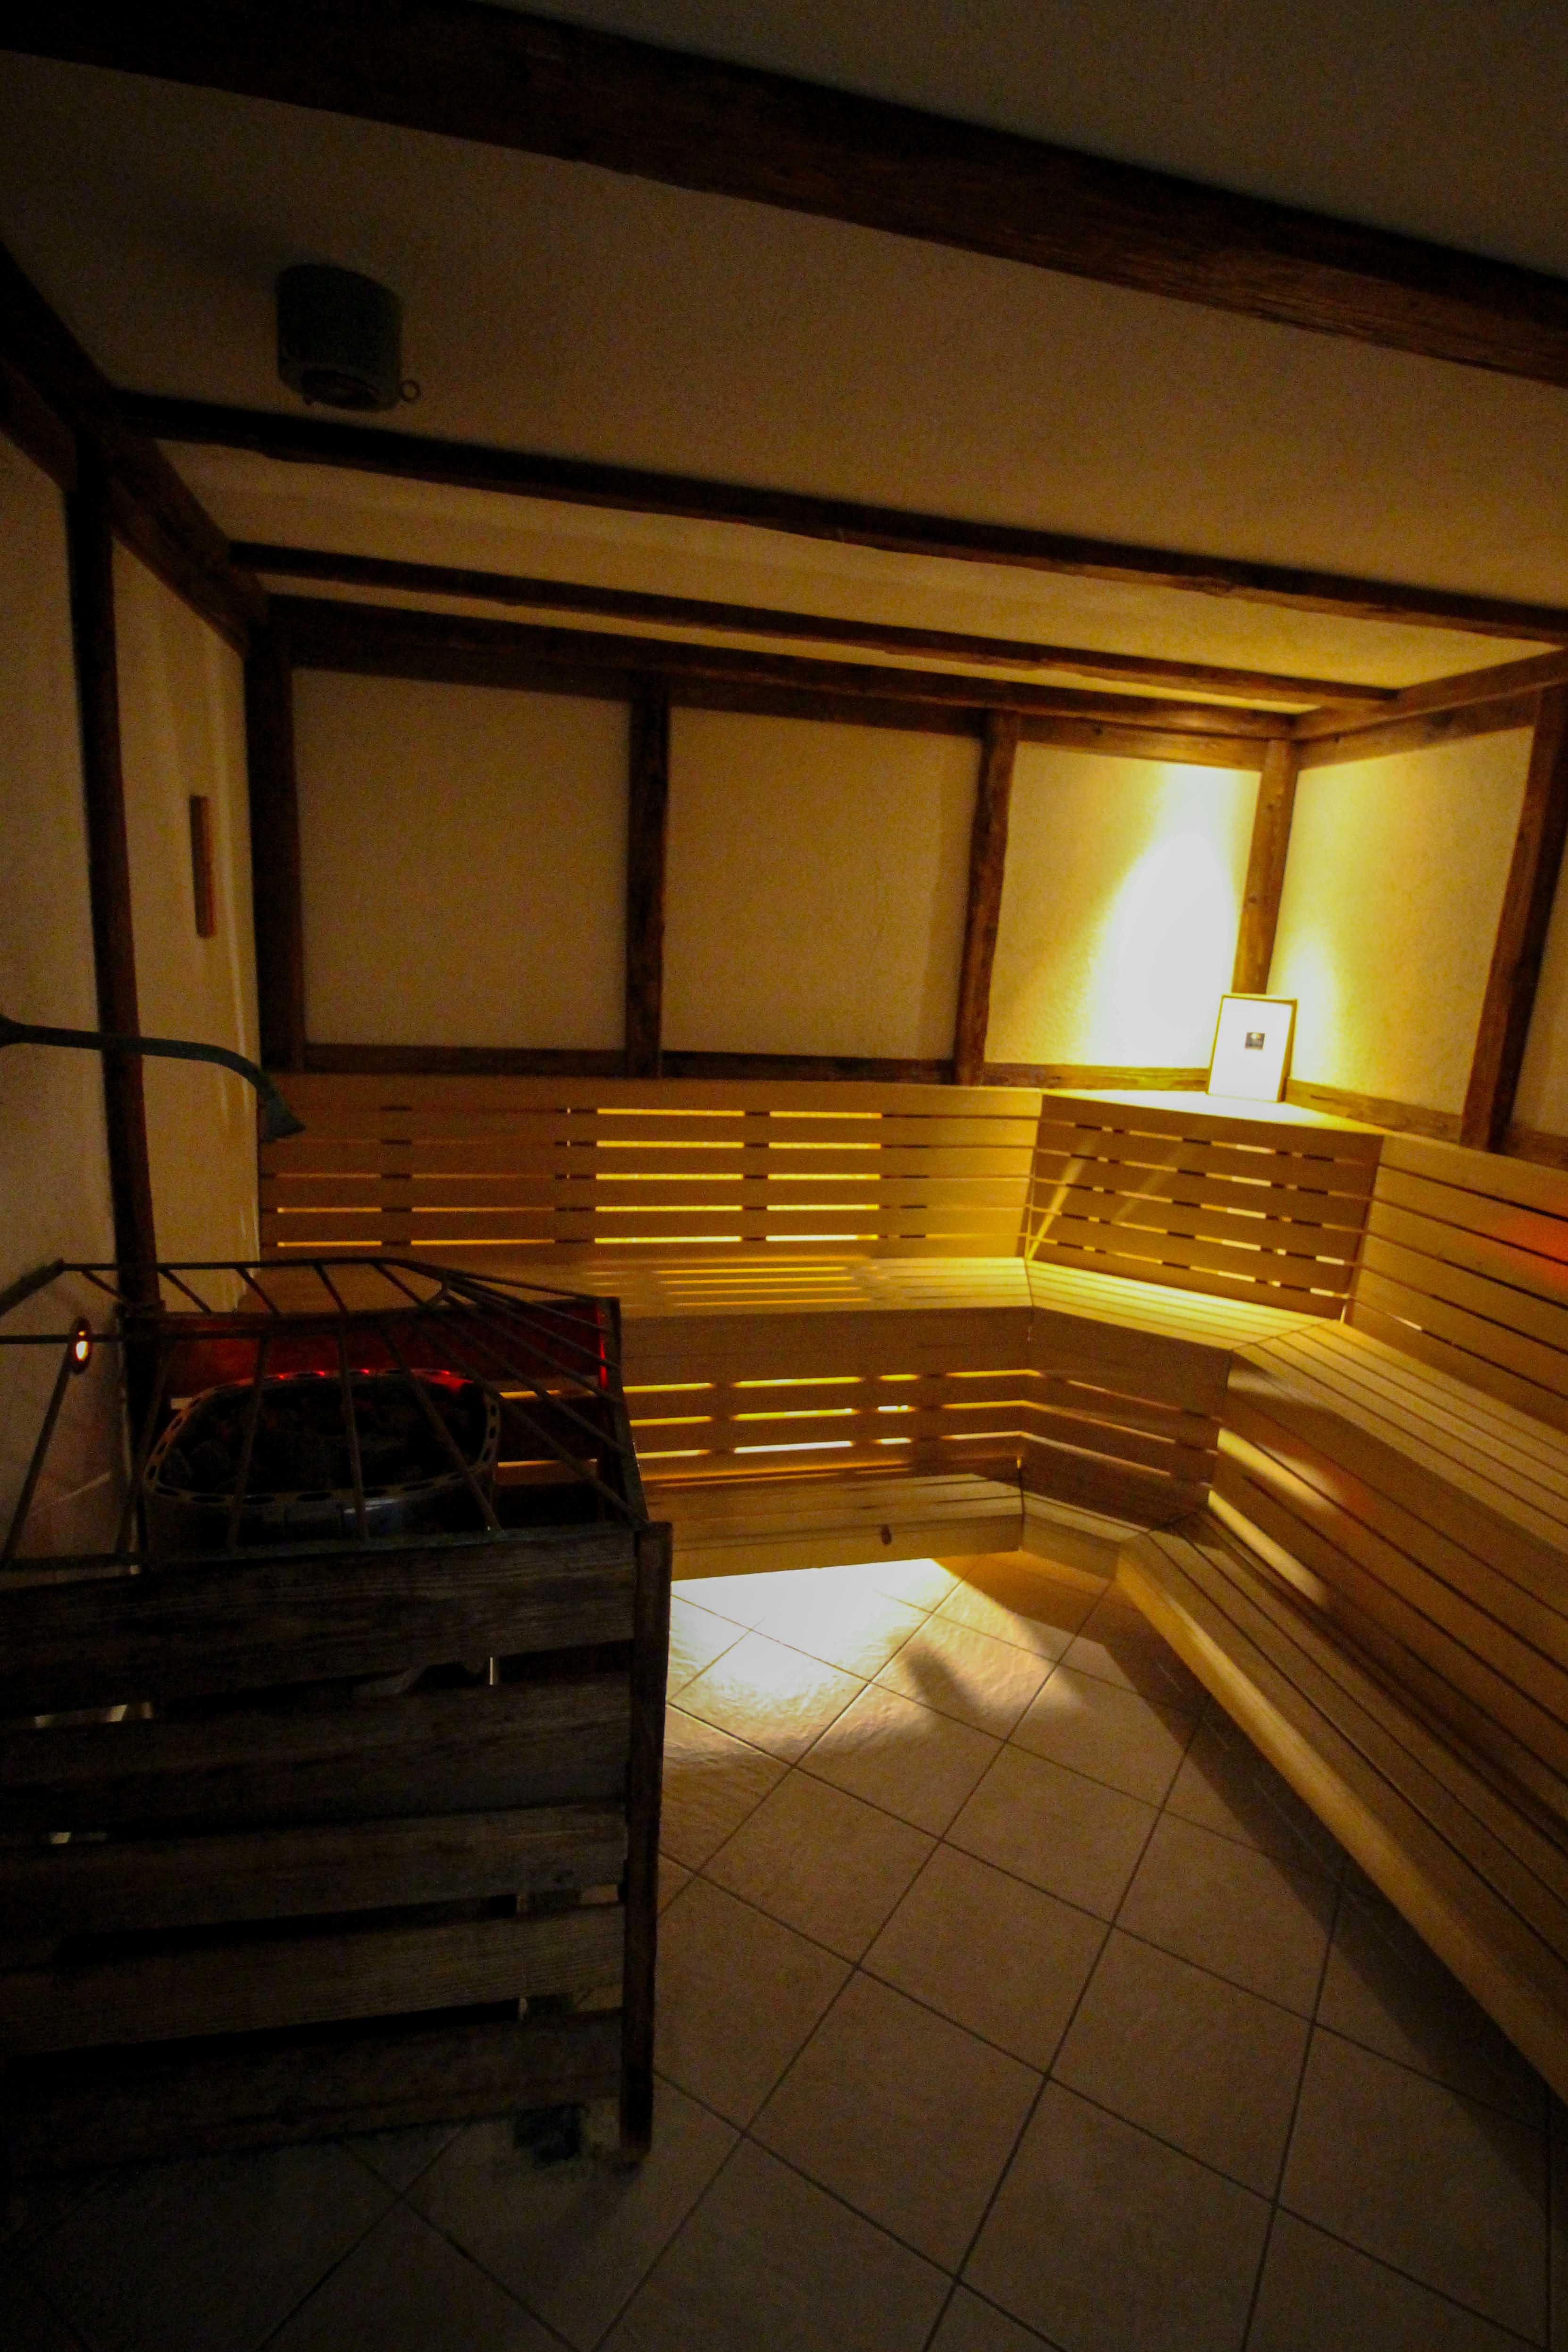 Südtirol Hotel Schneeberg Resort Spa Wellnessbereich Sauna Italien Wellnesshotel Reiseblog Wellnessurlaub Kurzurlaub Hotelempfehlung Skiurlaub